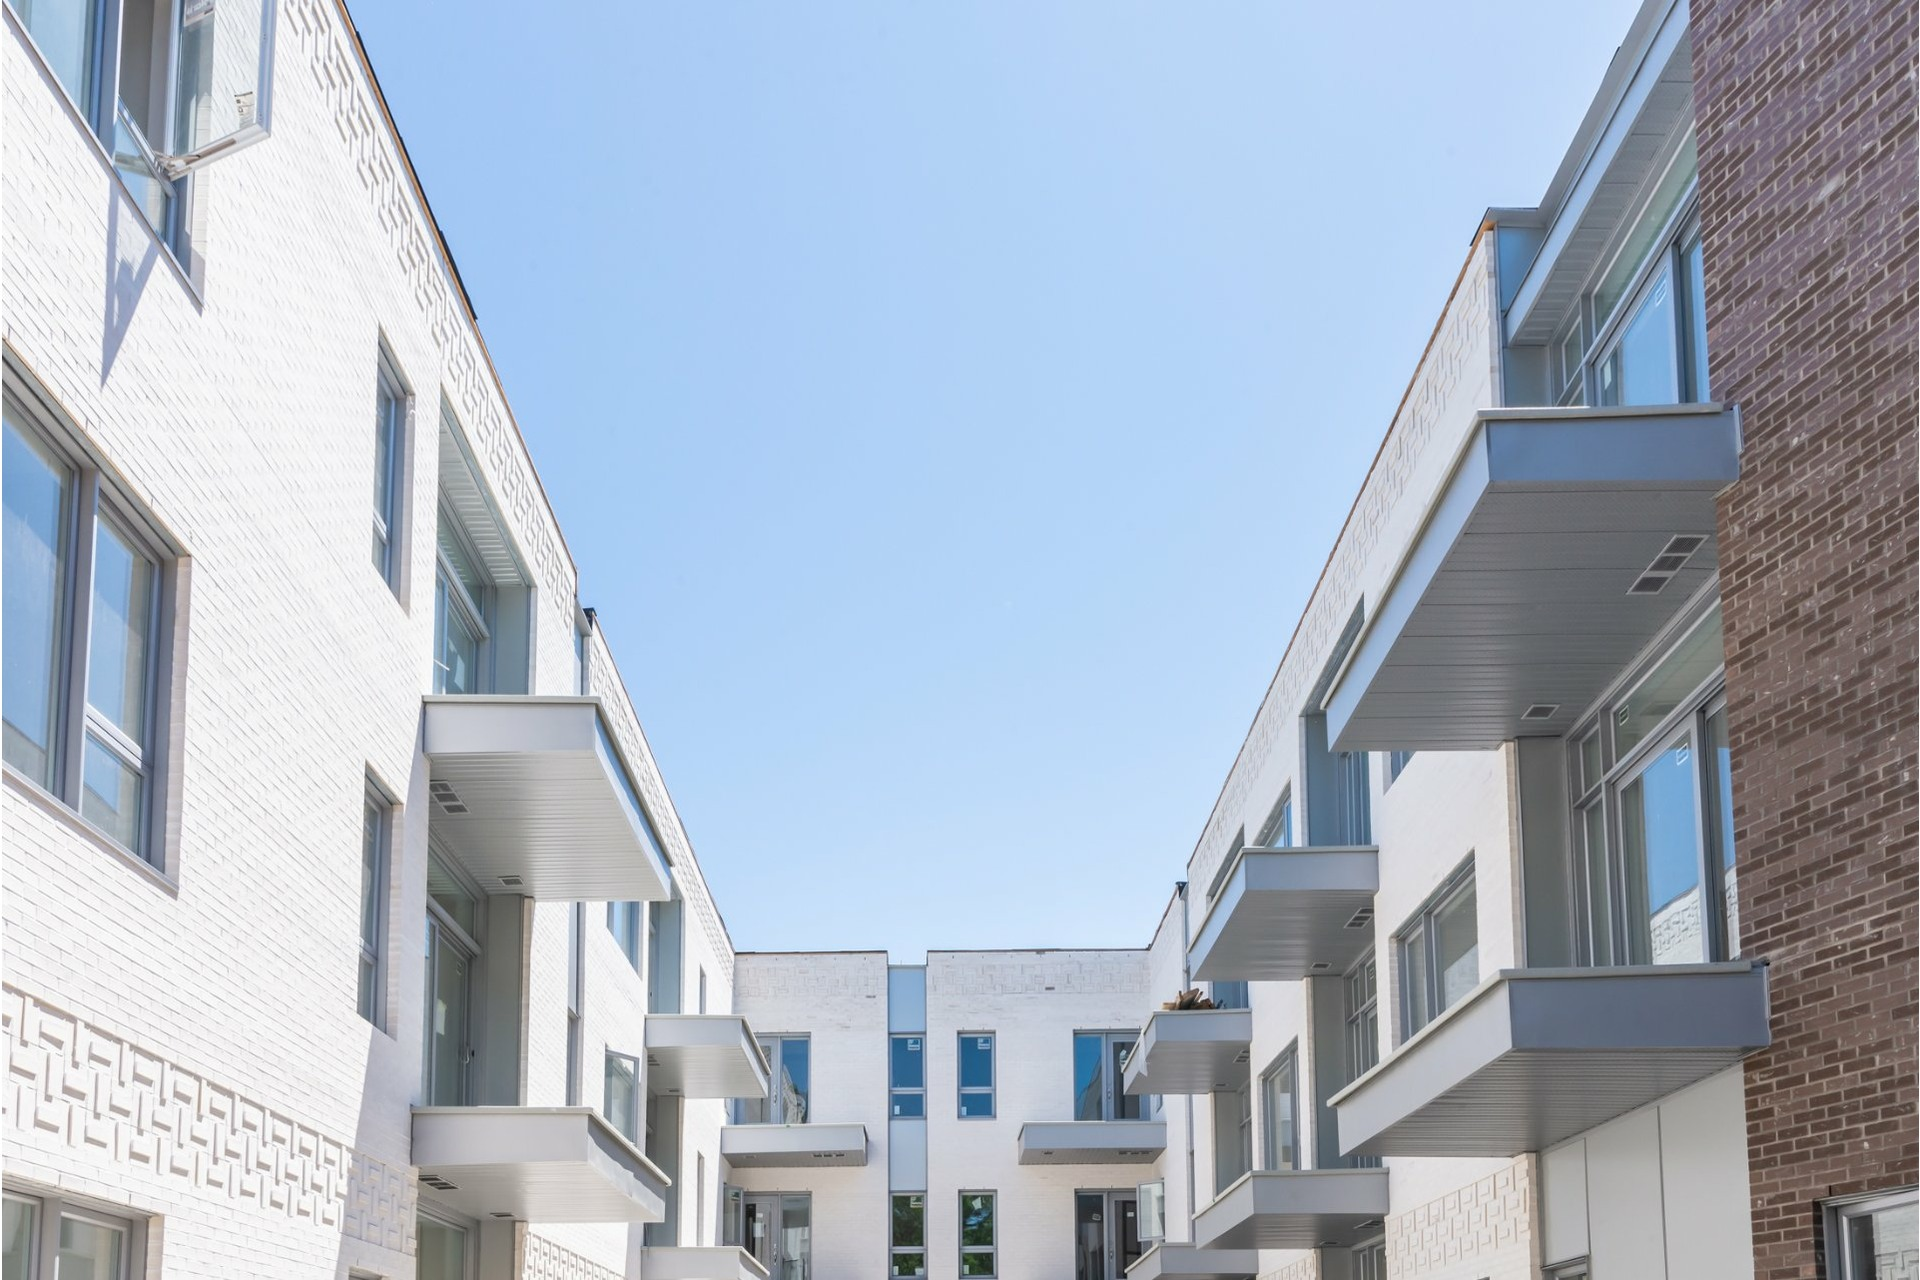 image 25 - Appartement À vendre Rosemont/La Petite-Patrie Montréal  - 5 pièces